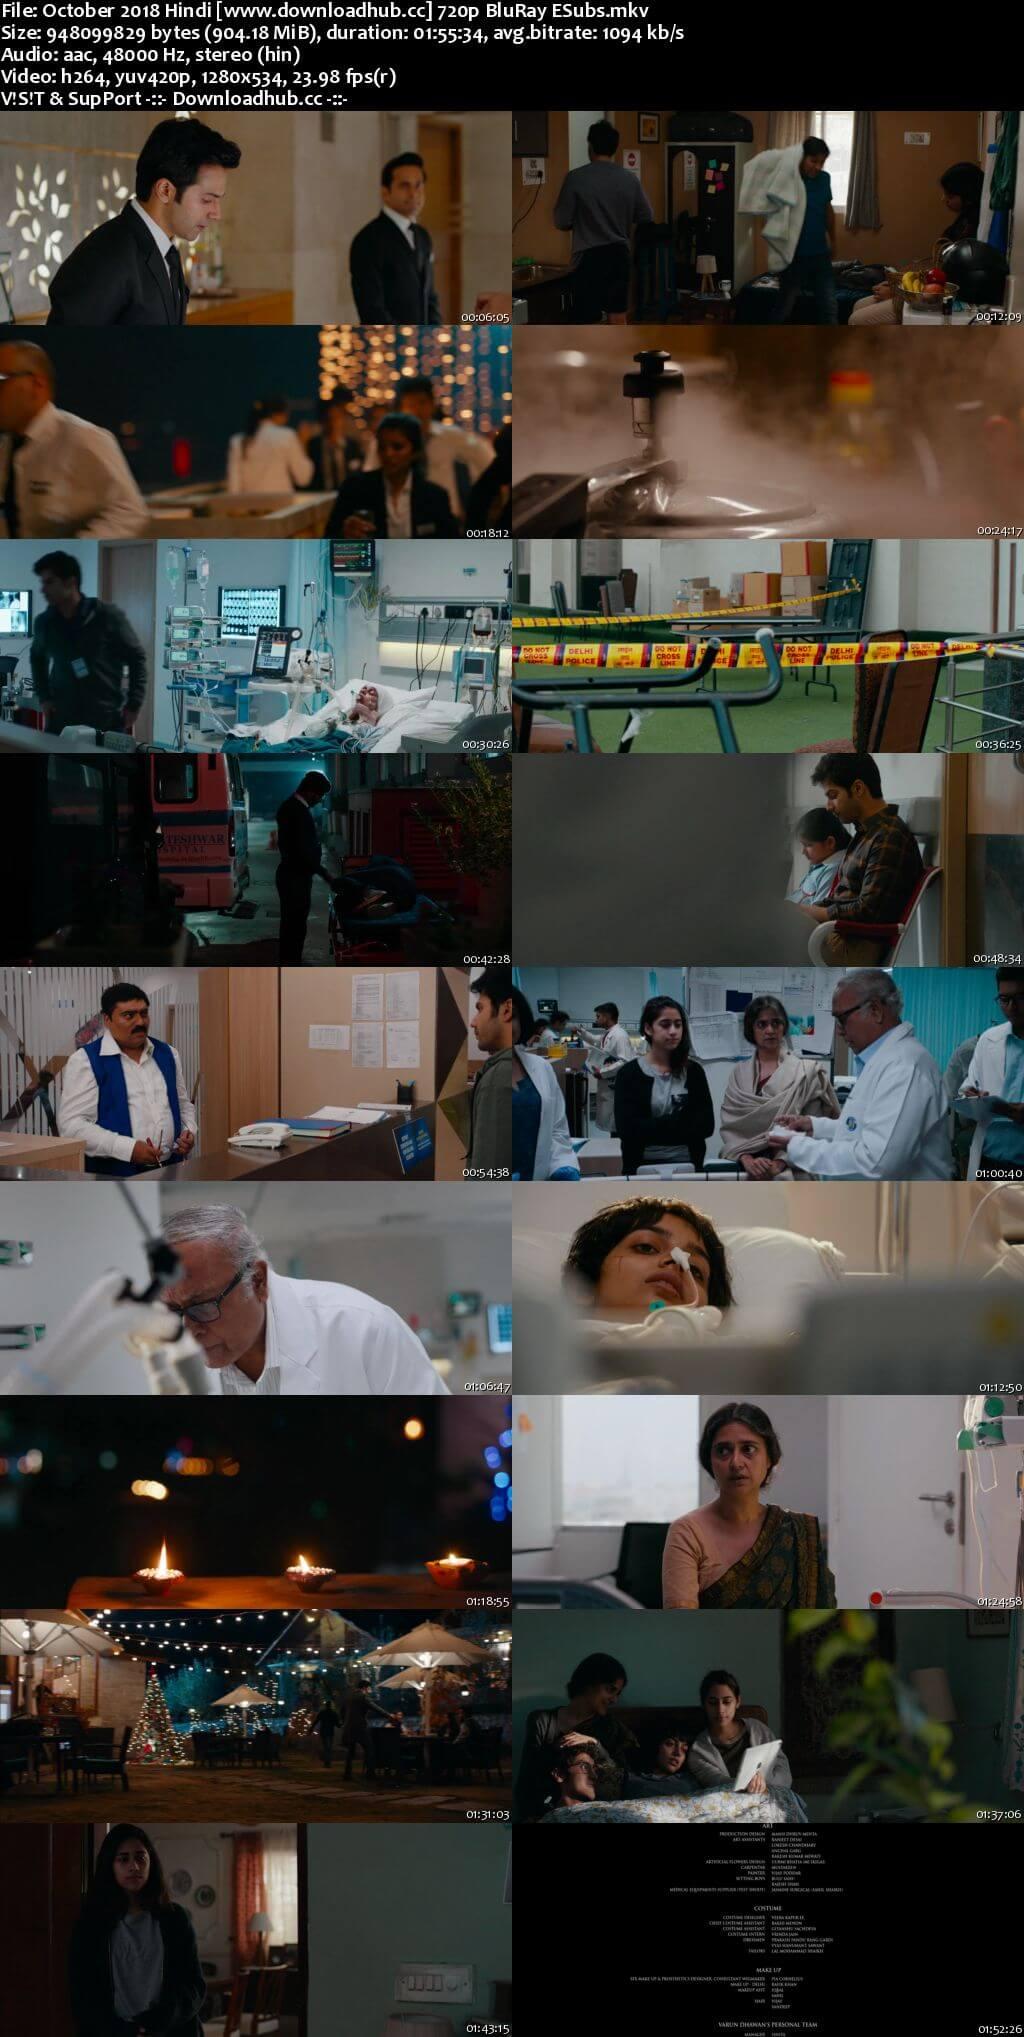 October 2018 Hindi 720p BluRay ESubs